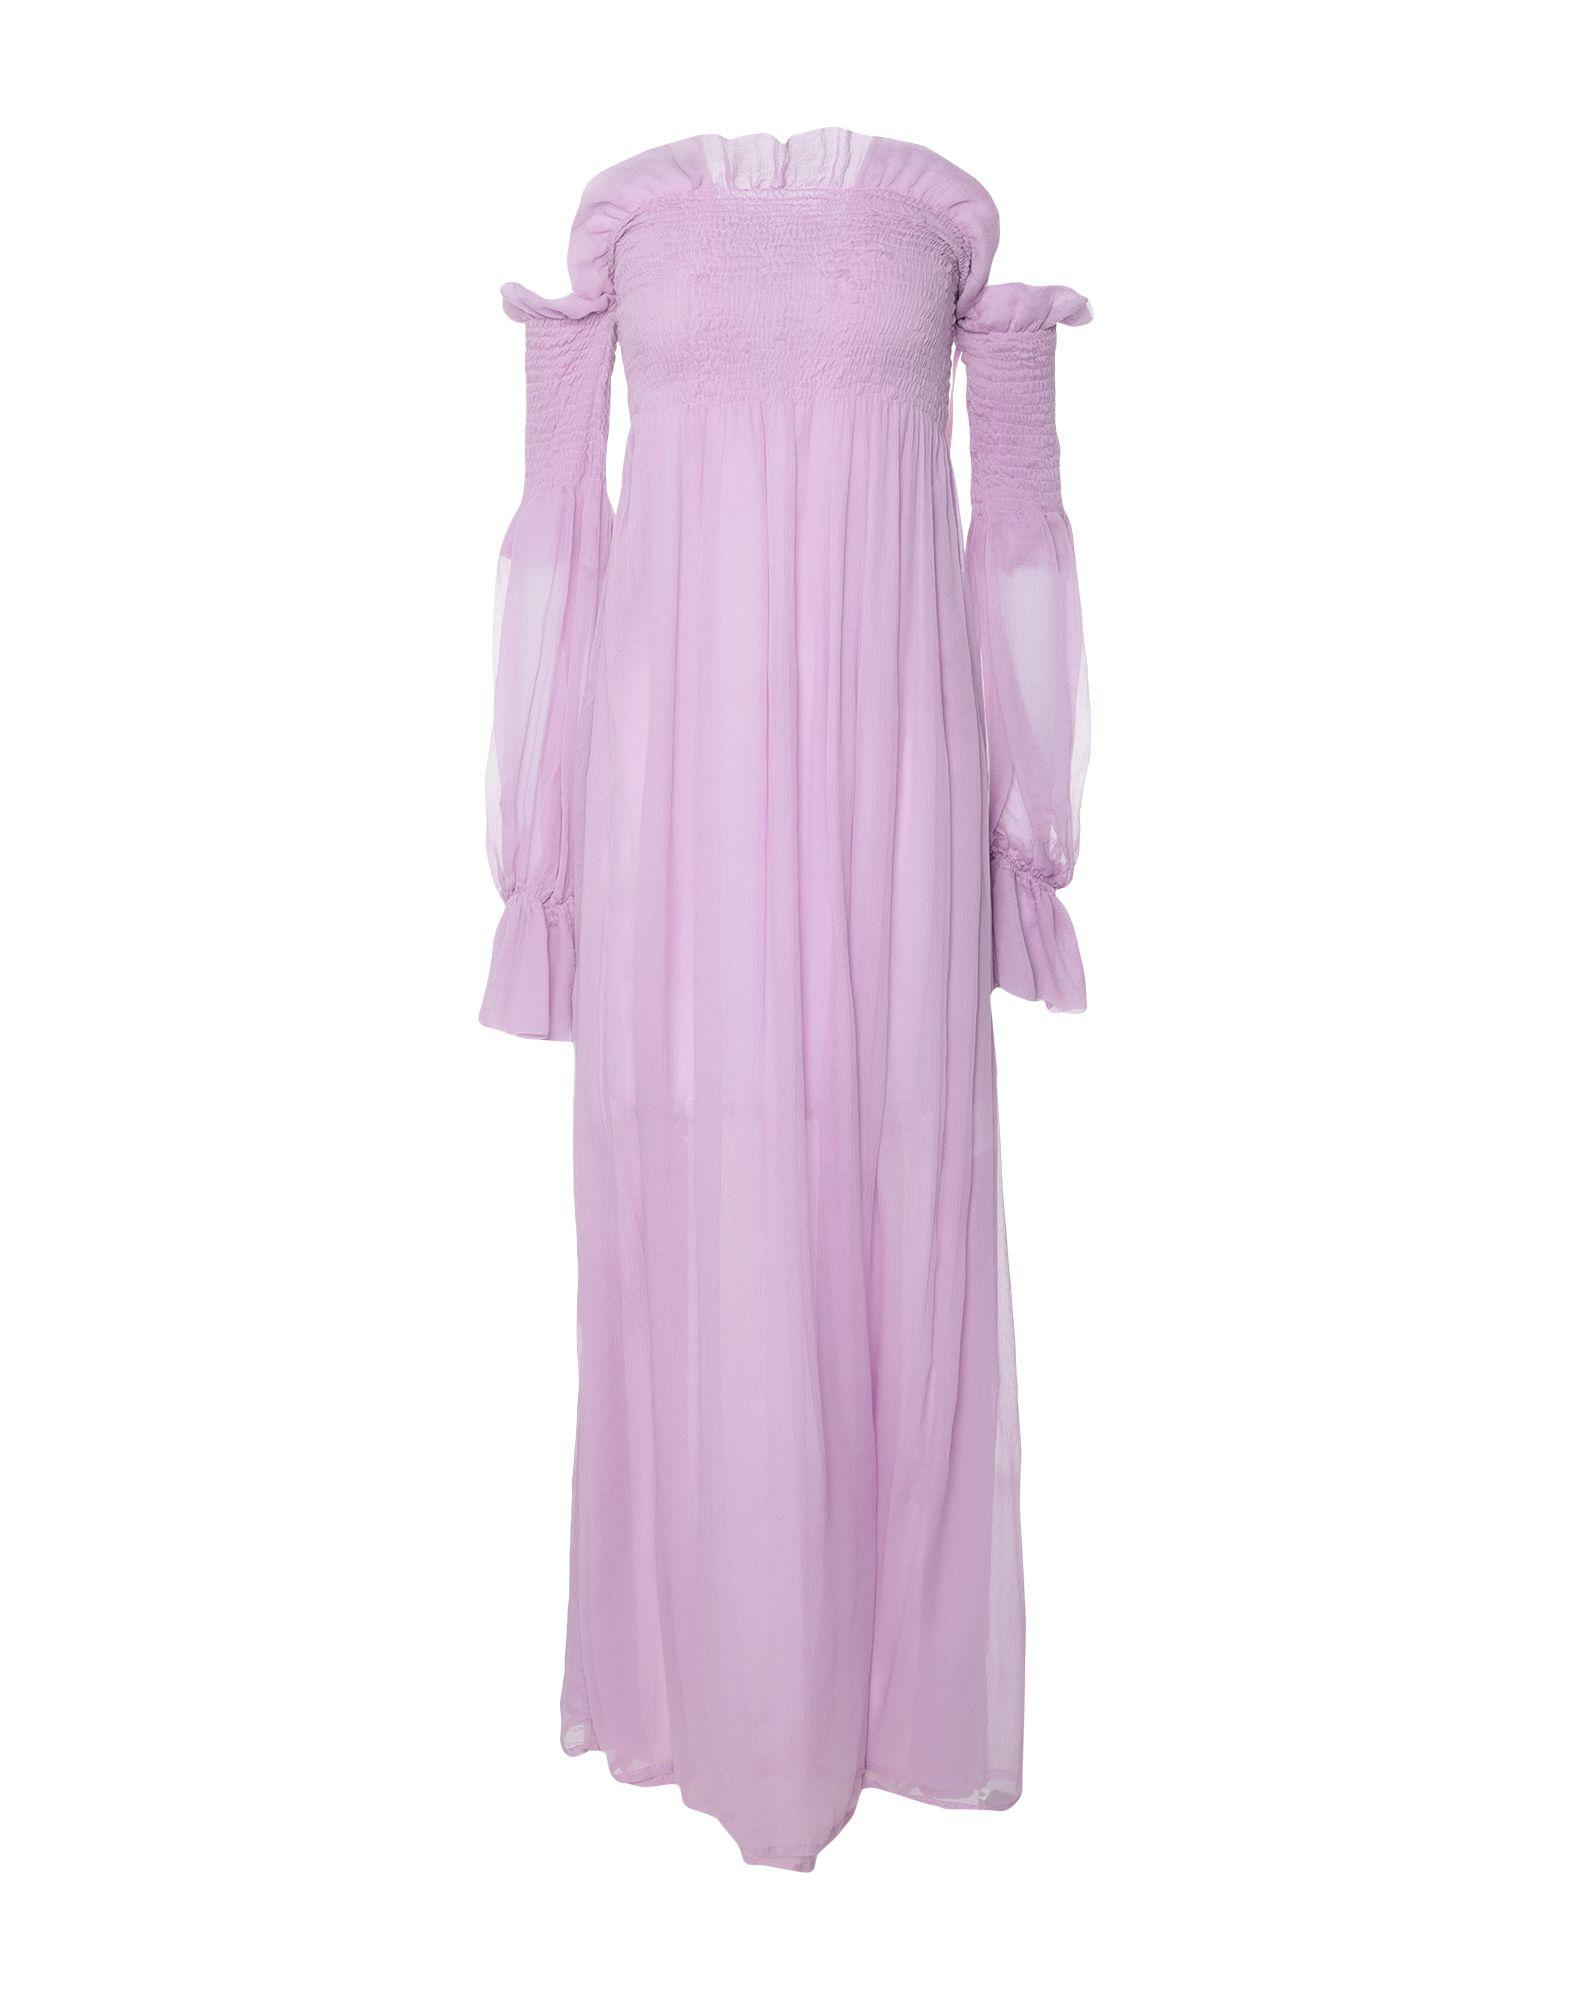 lucille блузка LUCILLE Длинное платье